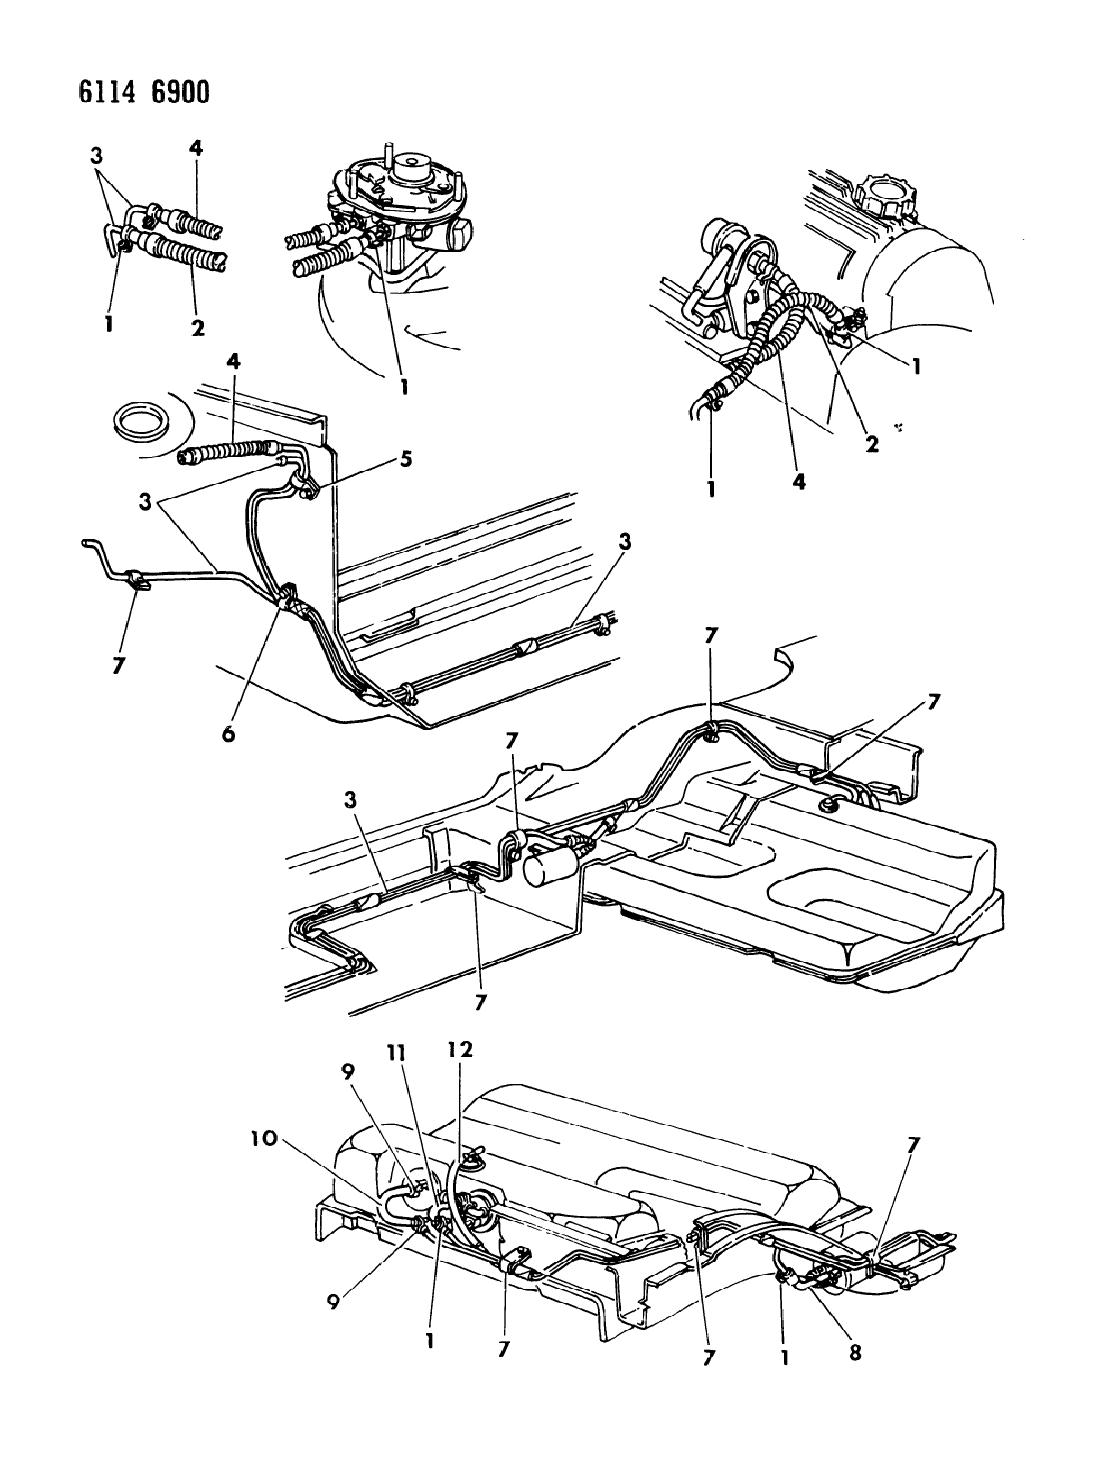 1986 chrysler lebaron gts fuel lines